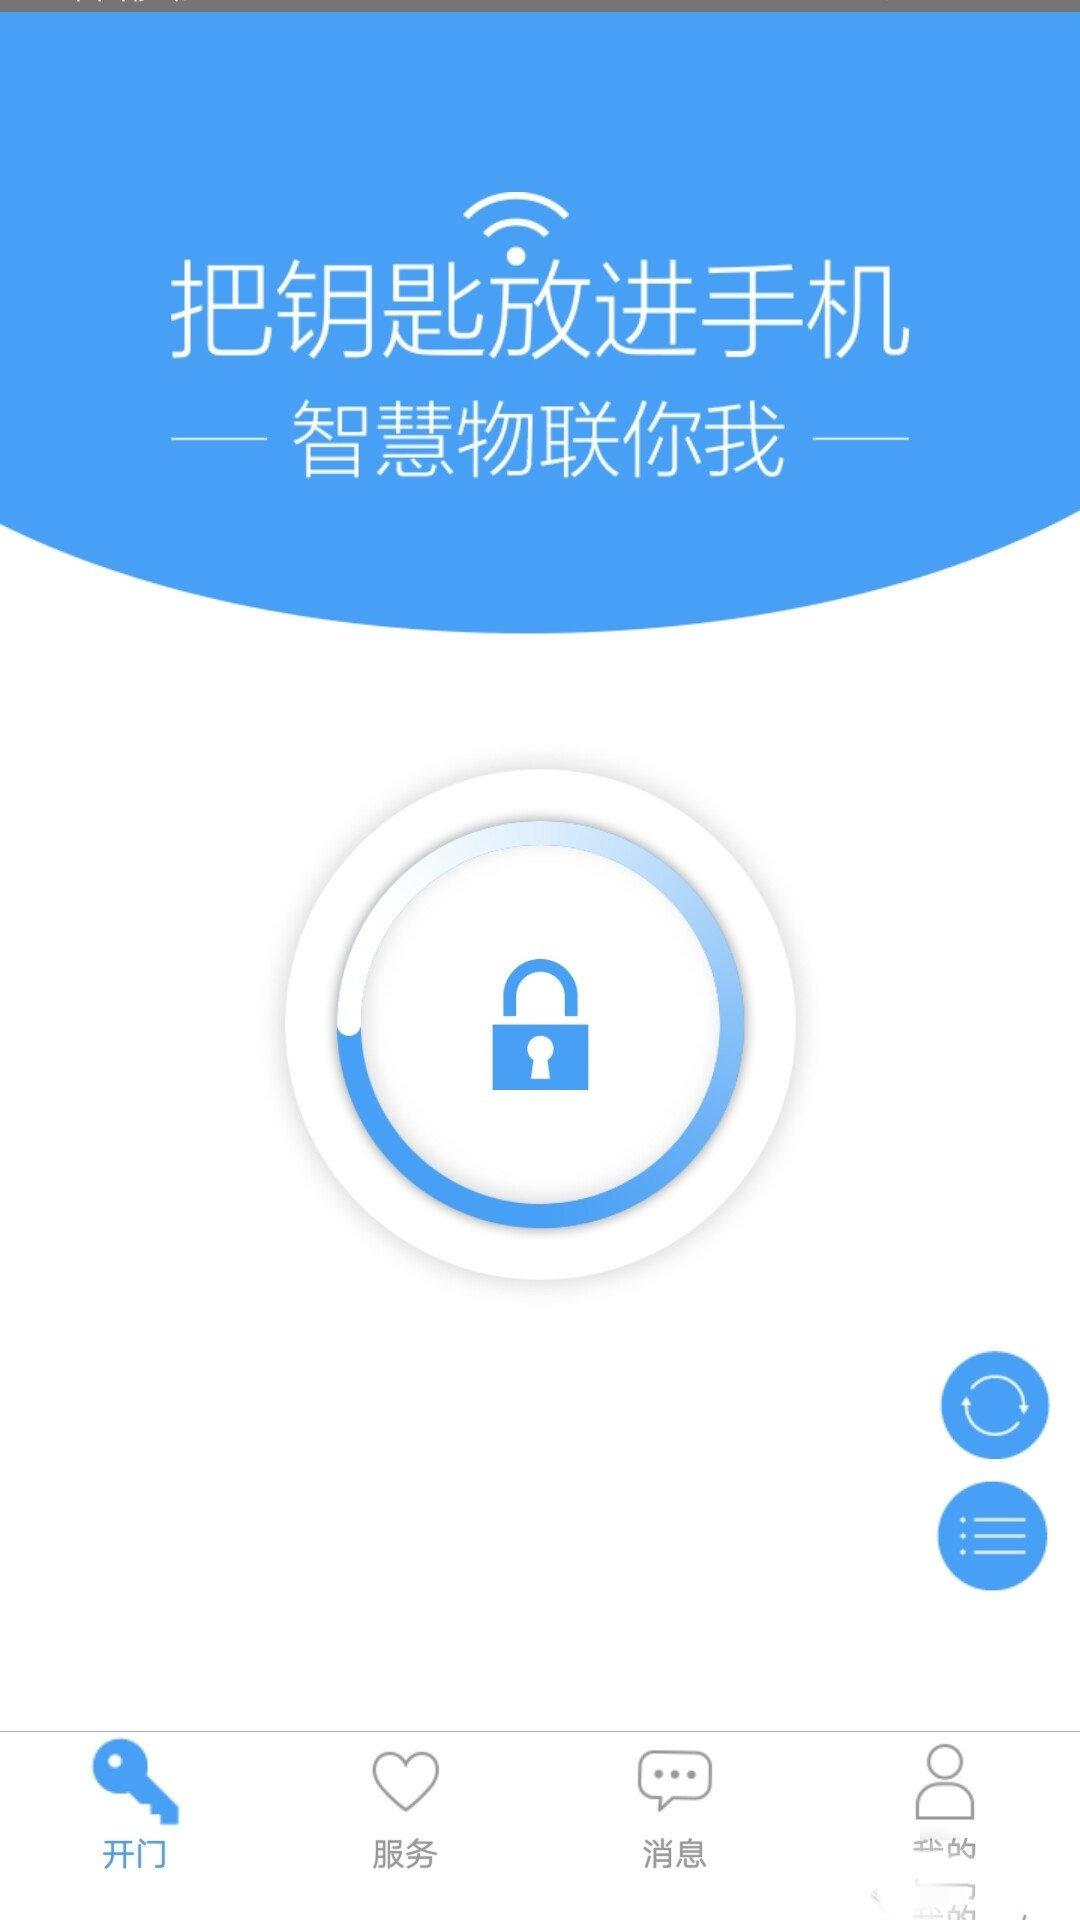 万能门禁卡app